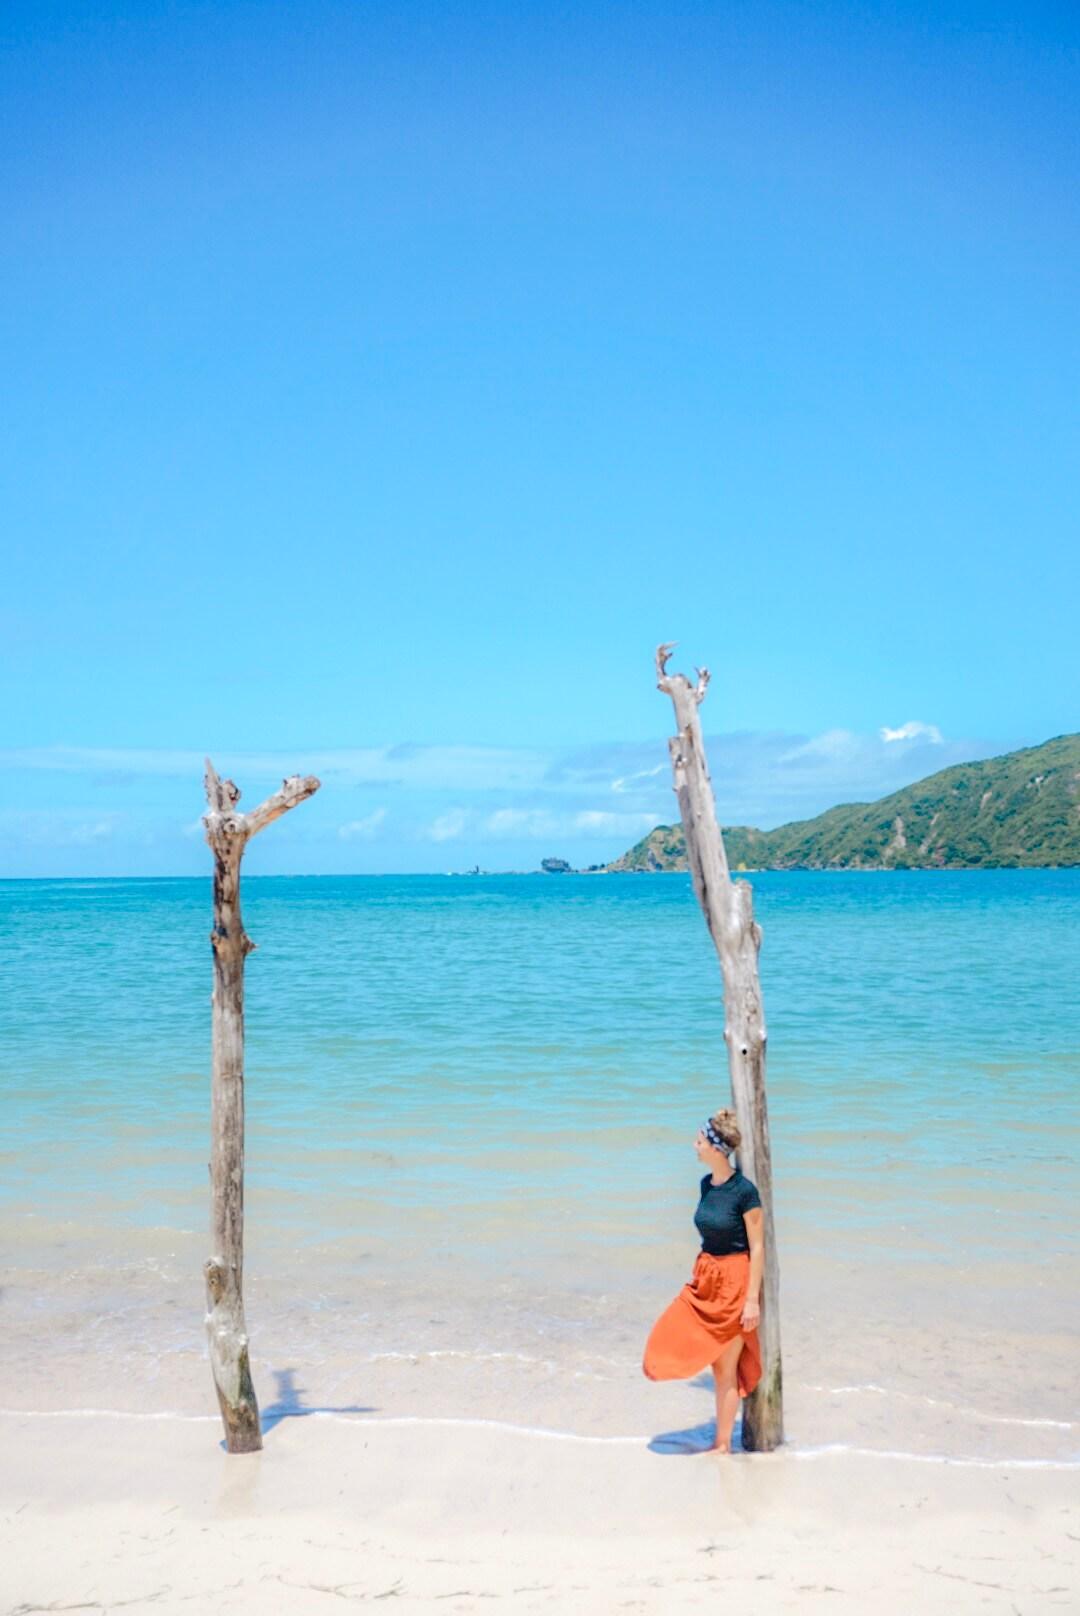 la plage de luta lombok indonésie